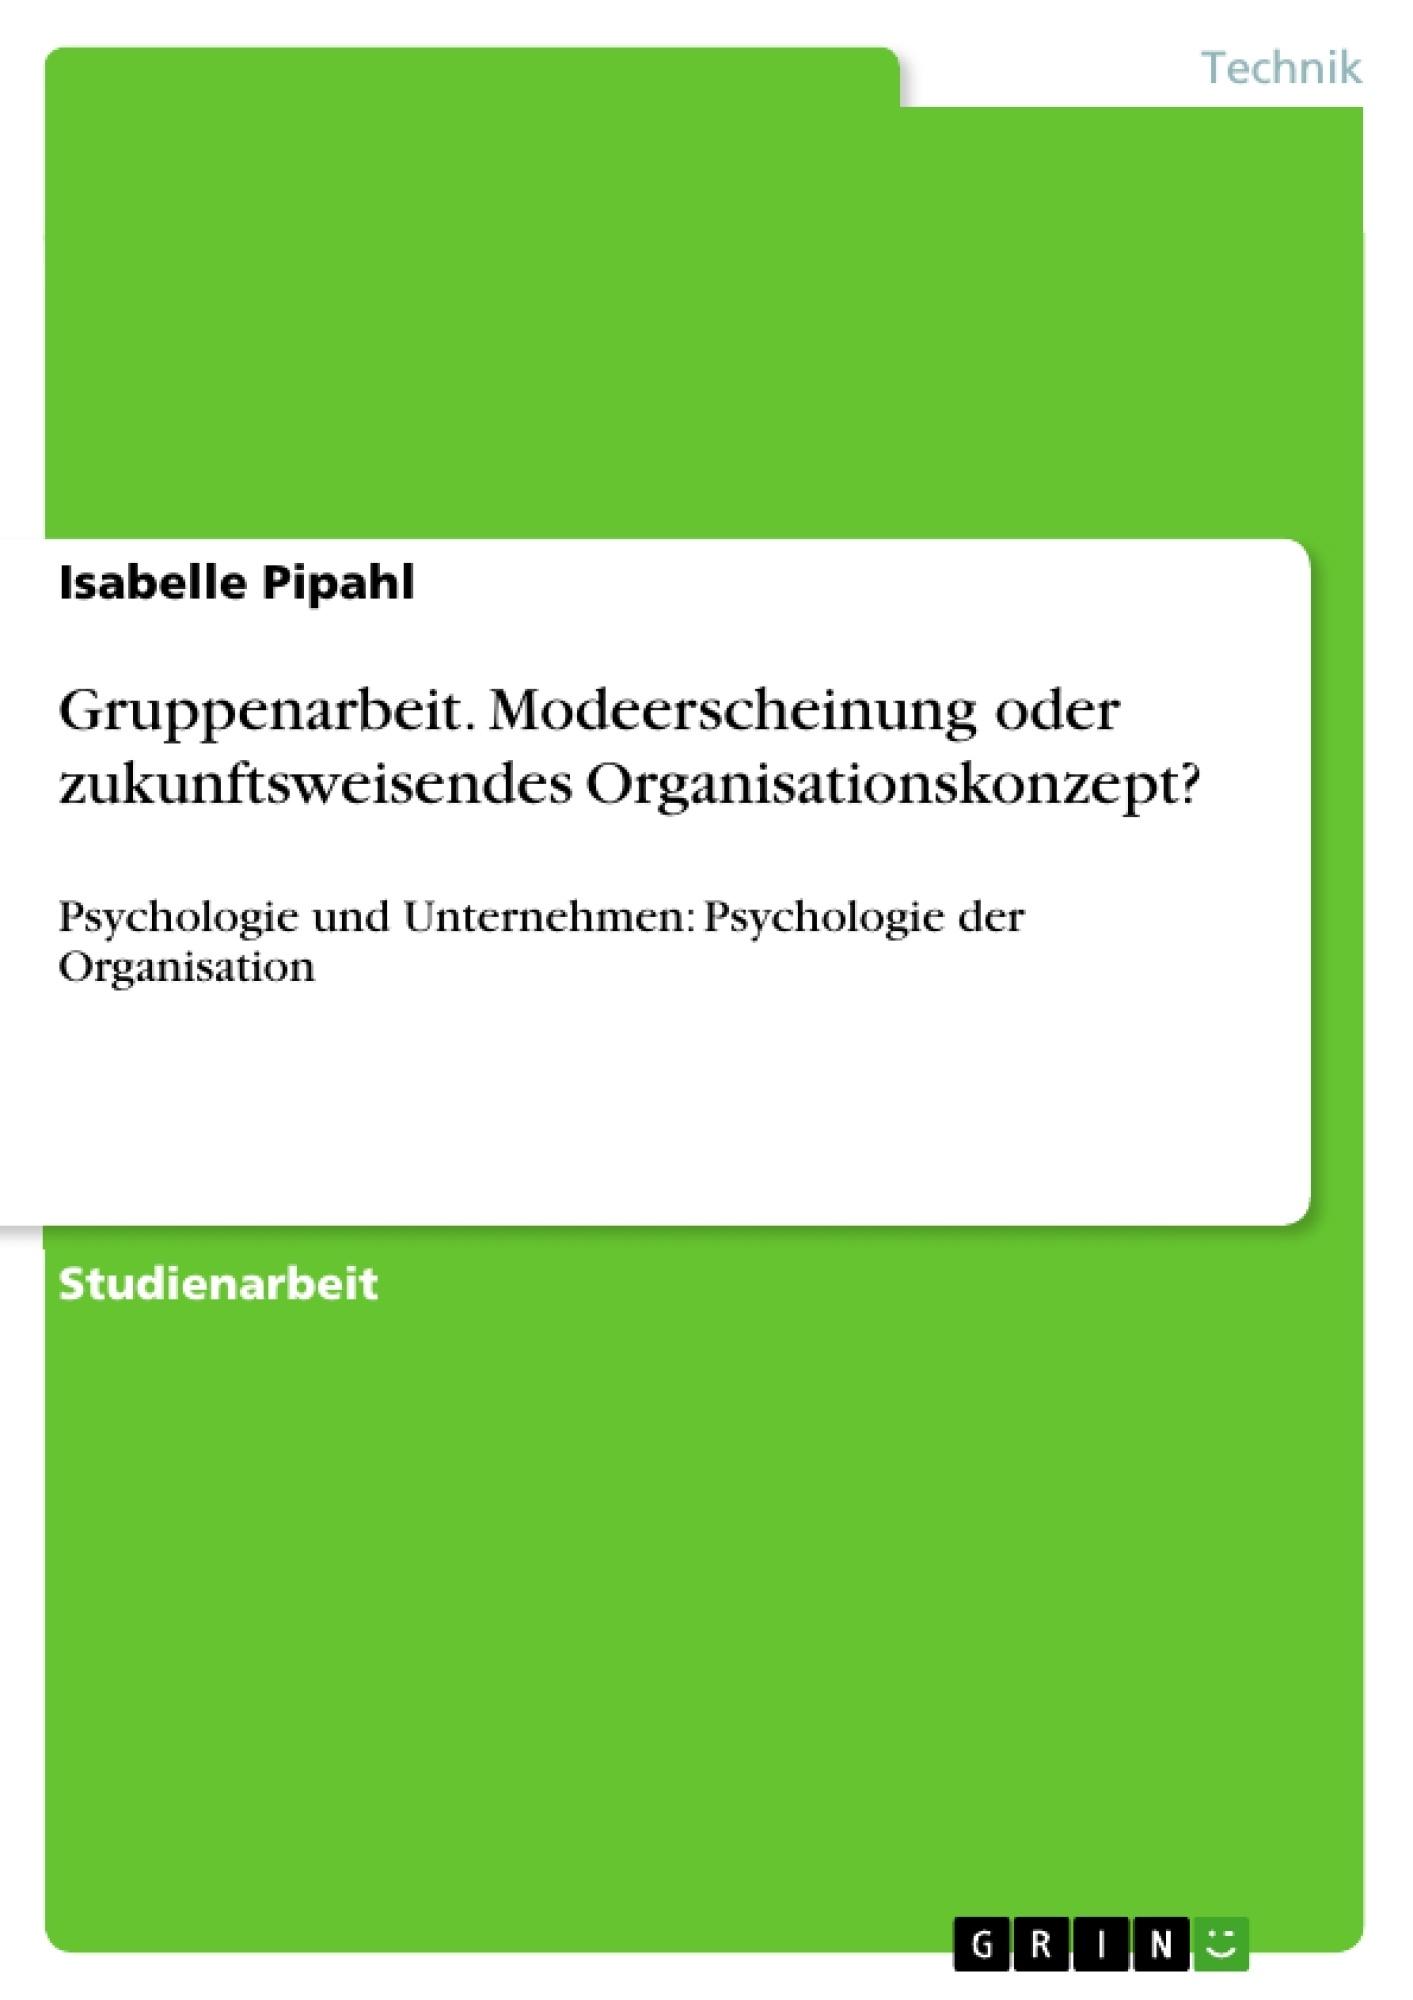 Titel: Gruppenarbeit. Modeerscheinung oder zukunftsweisendes Organisationskonzept?